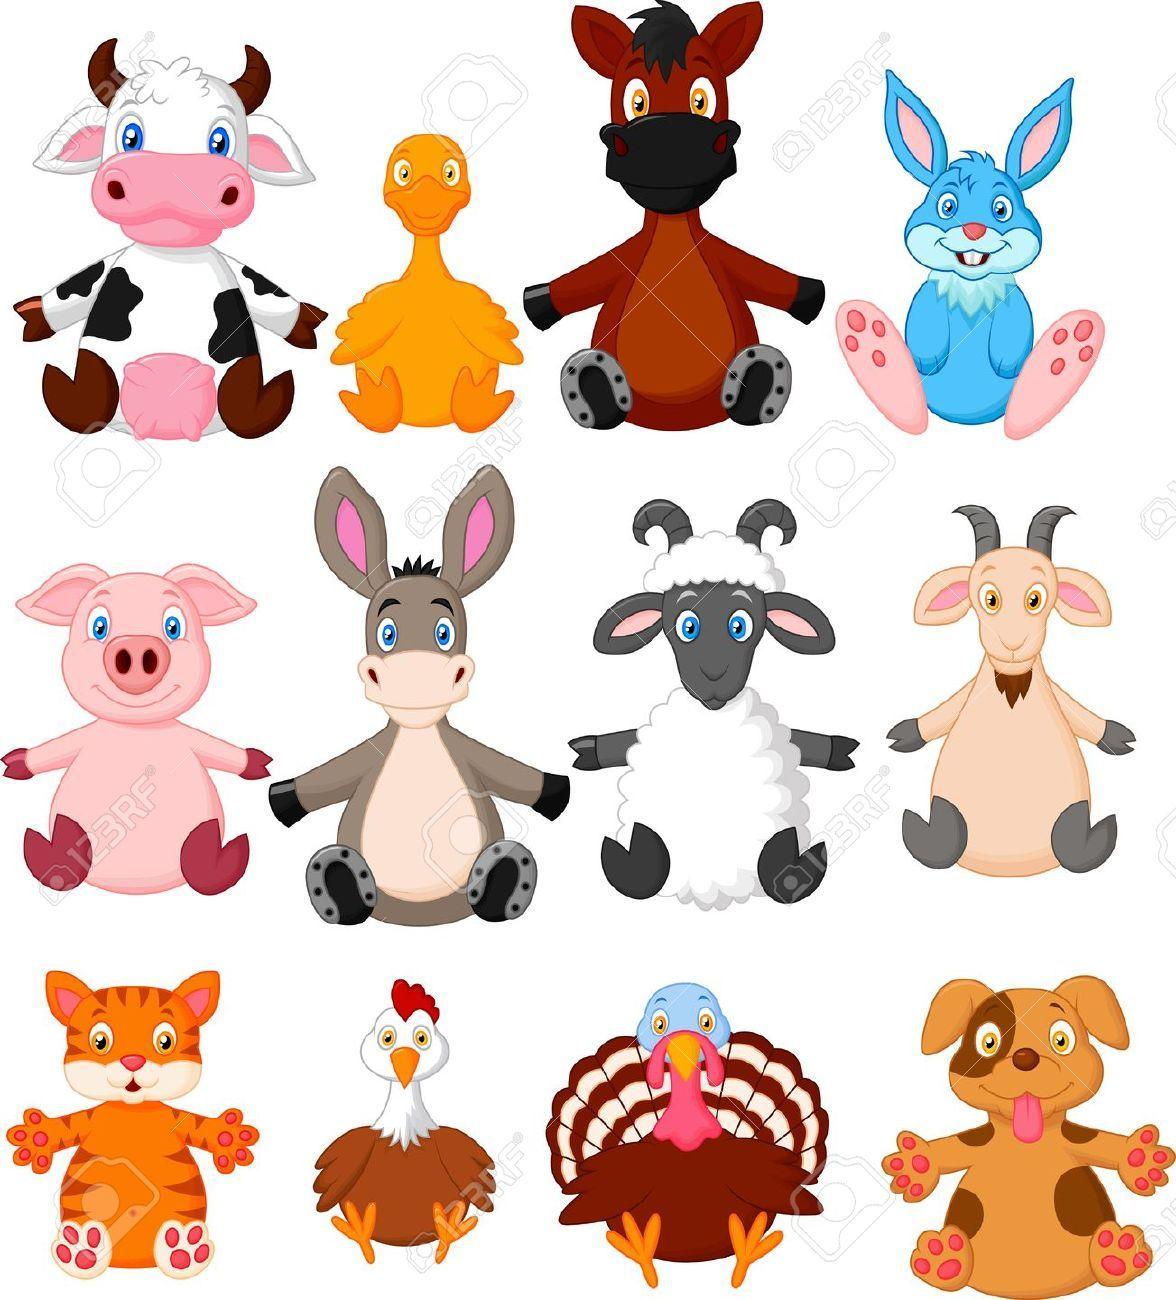 Coleccion De Dibujos Animados De Animales De Granja Animales Dibujos Animados Animales Domesticos Animados Animales Animados Tiernos